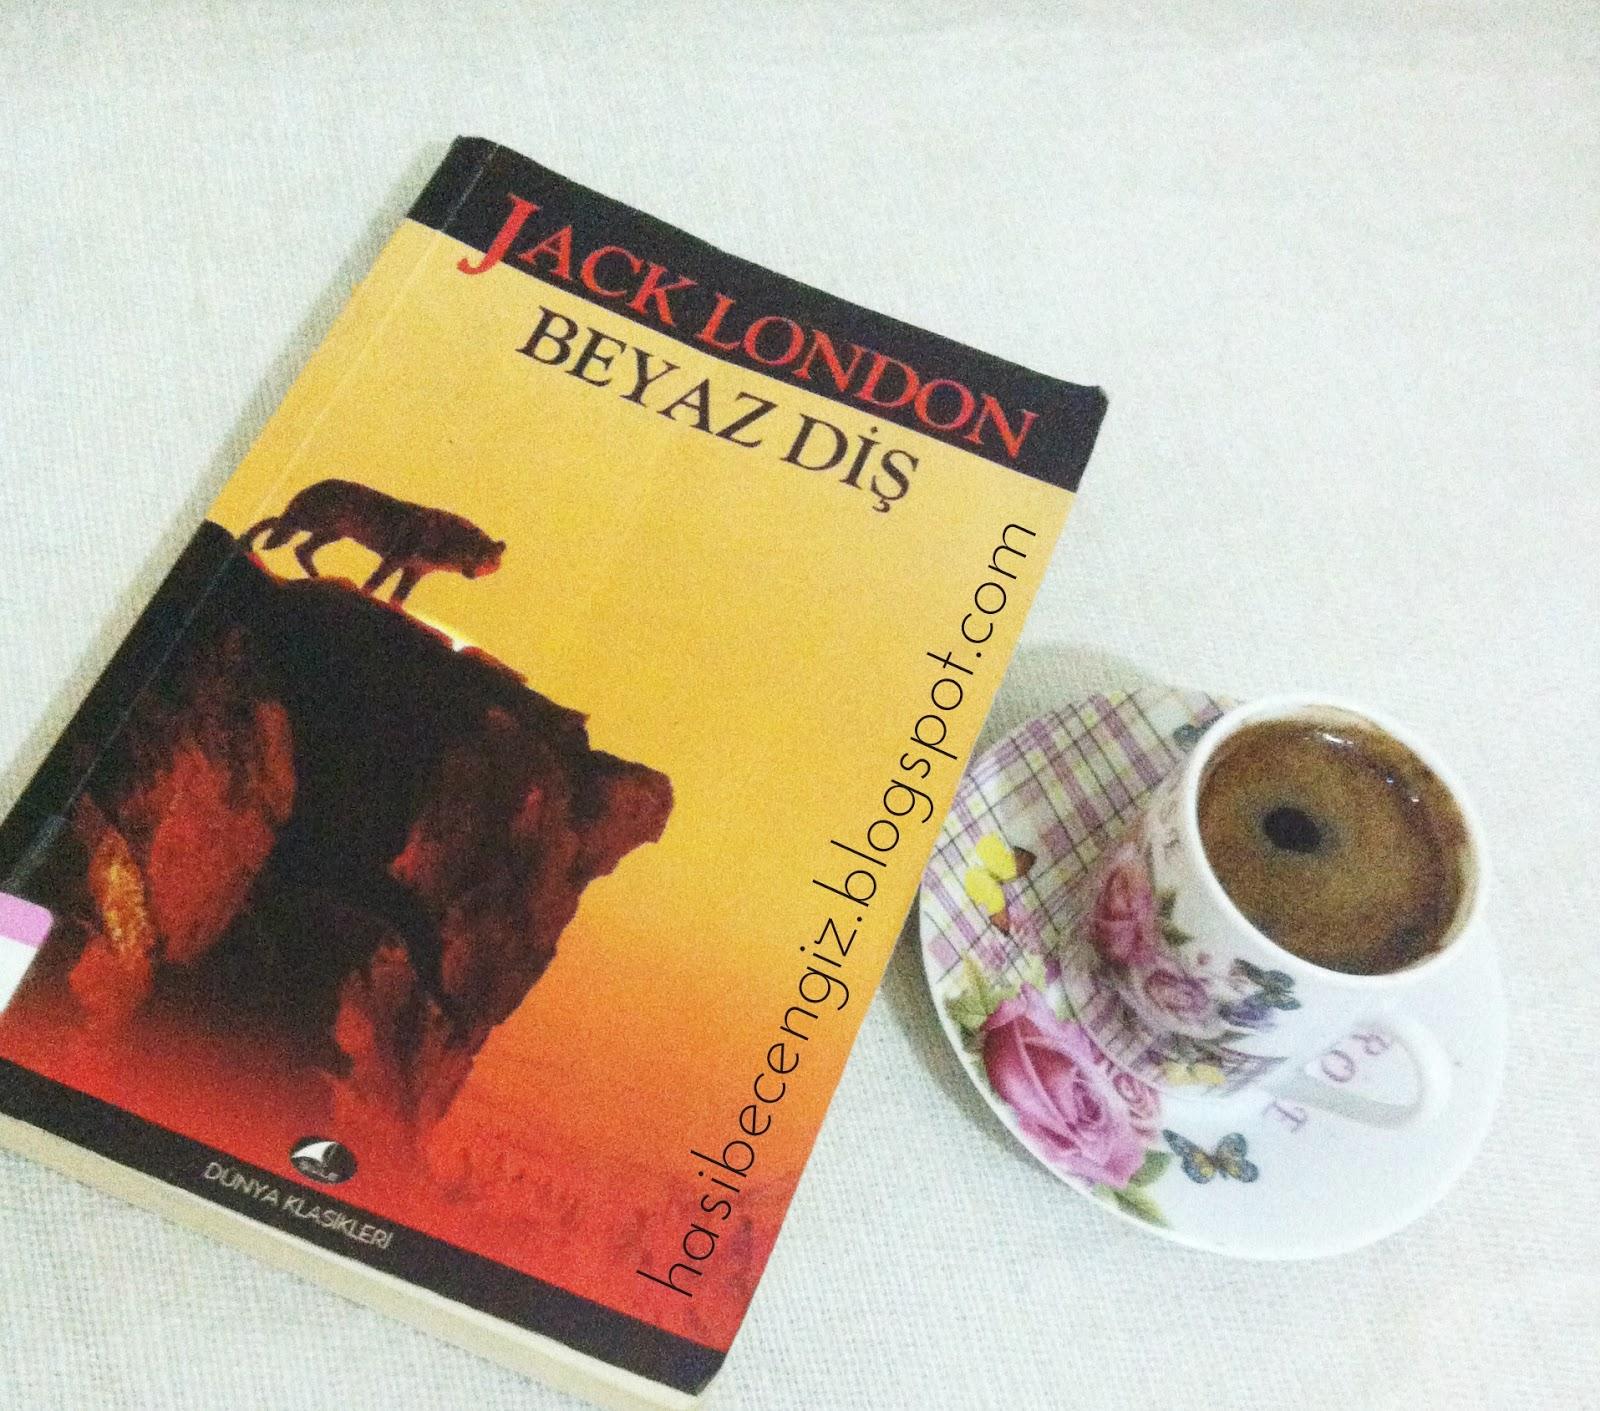 Kitap Eleştirisi Beyaz Diş Jack London Hasibe Cengiz